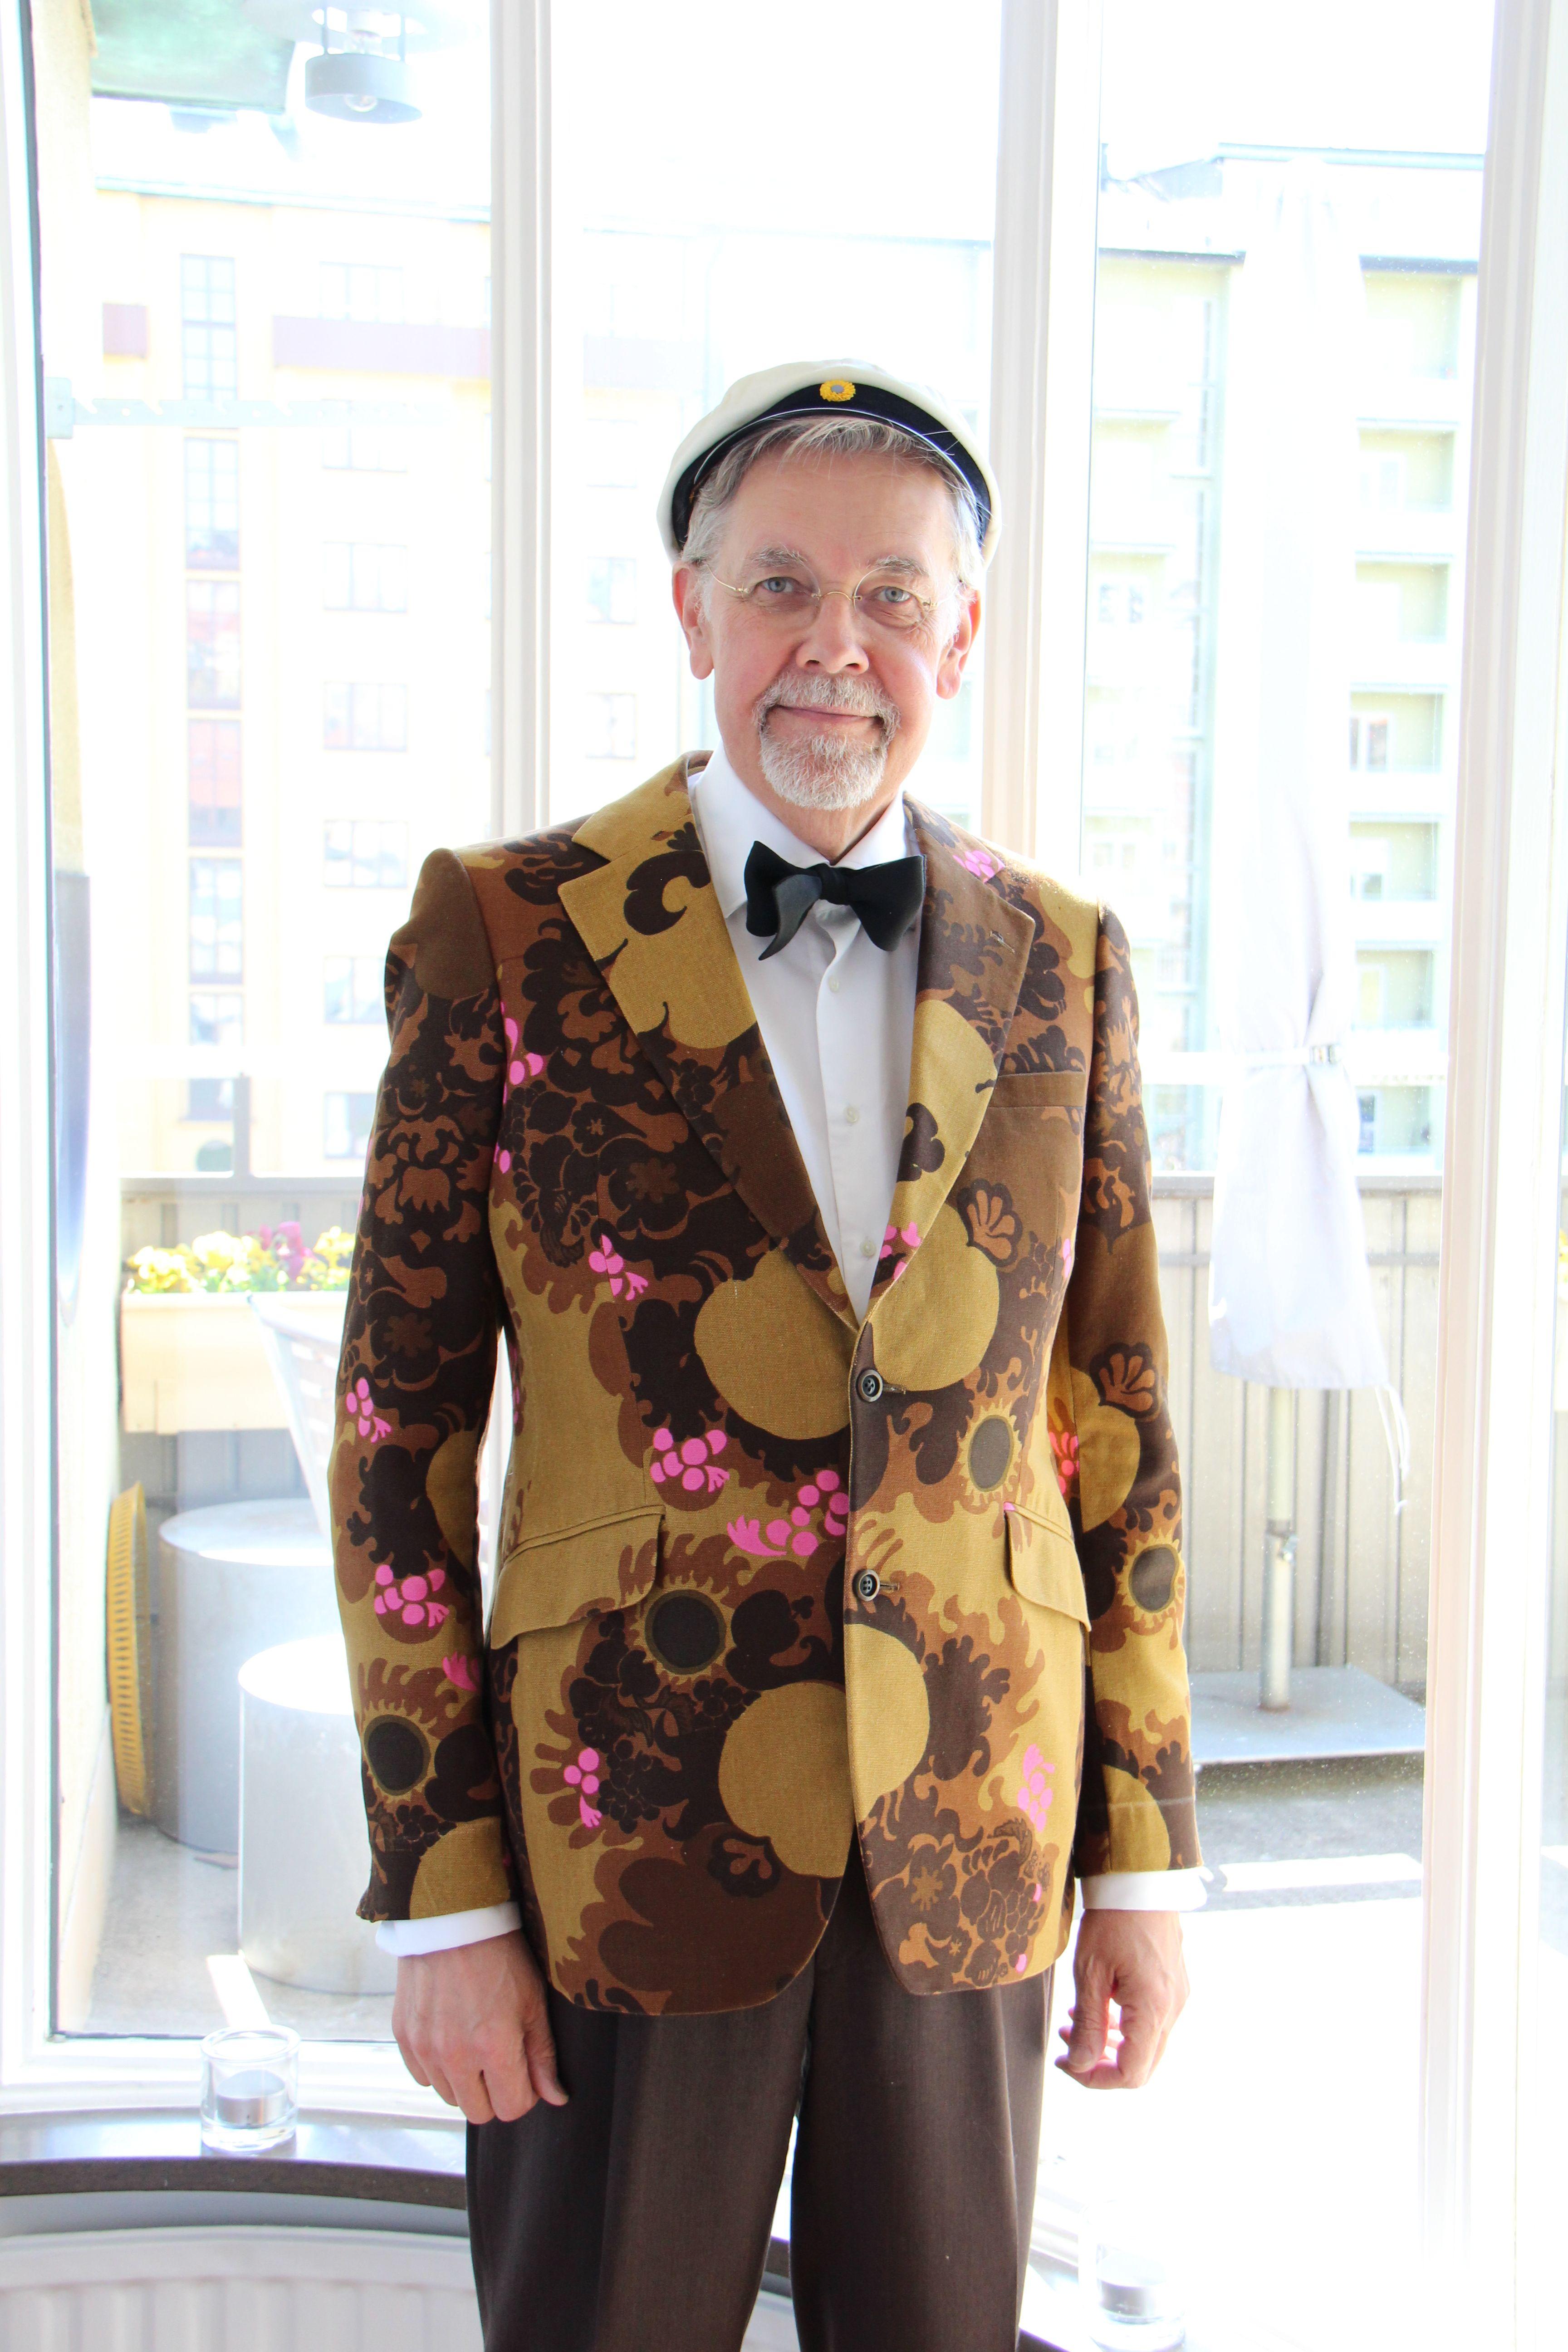 Min studentkavaj från 1970, dvs 42 år sedan. Tyget heter Pompelmona och är designat av Sven Fristedt, Borås väveri. Sen sydde Gulins upp kavajen på beställning. Notera omsorgen i detaljarbetet, kolla ficklockens mönsterpassning. Skräddaren måste ha tyckt att det var ett kul och udda uppdrag. #Ingemar Albertsson